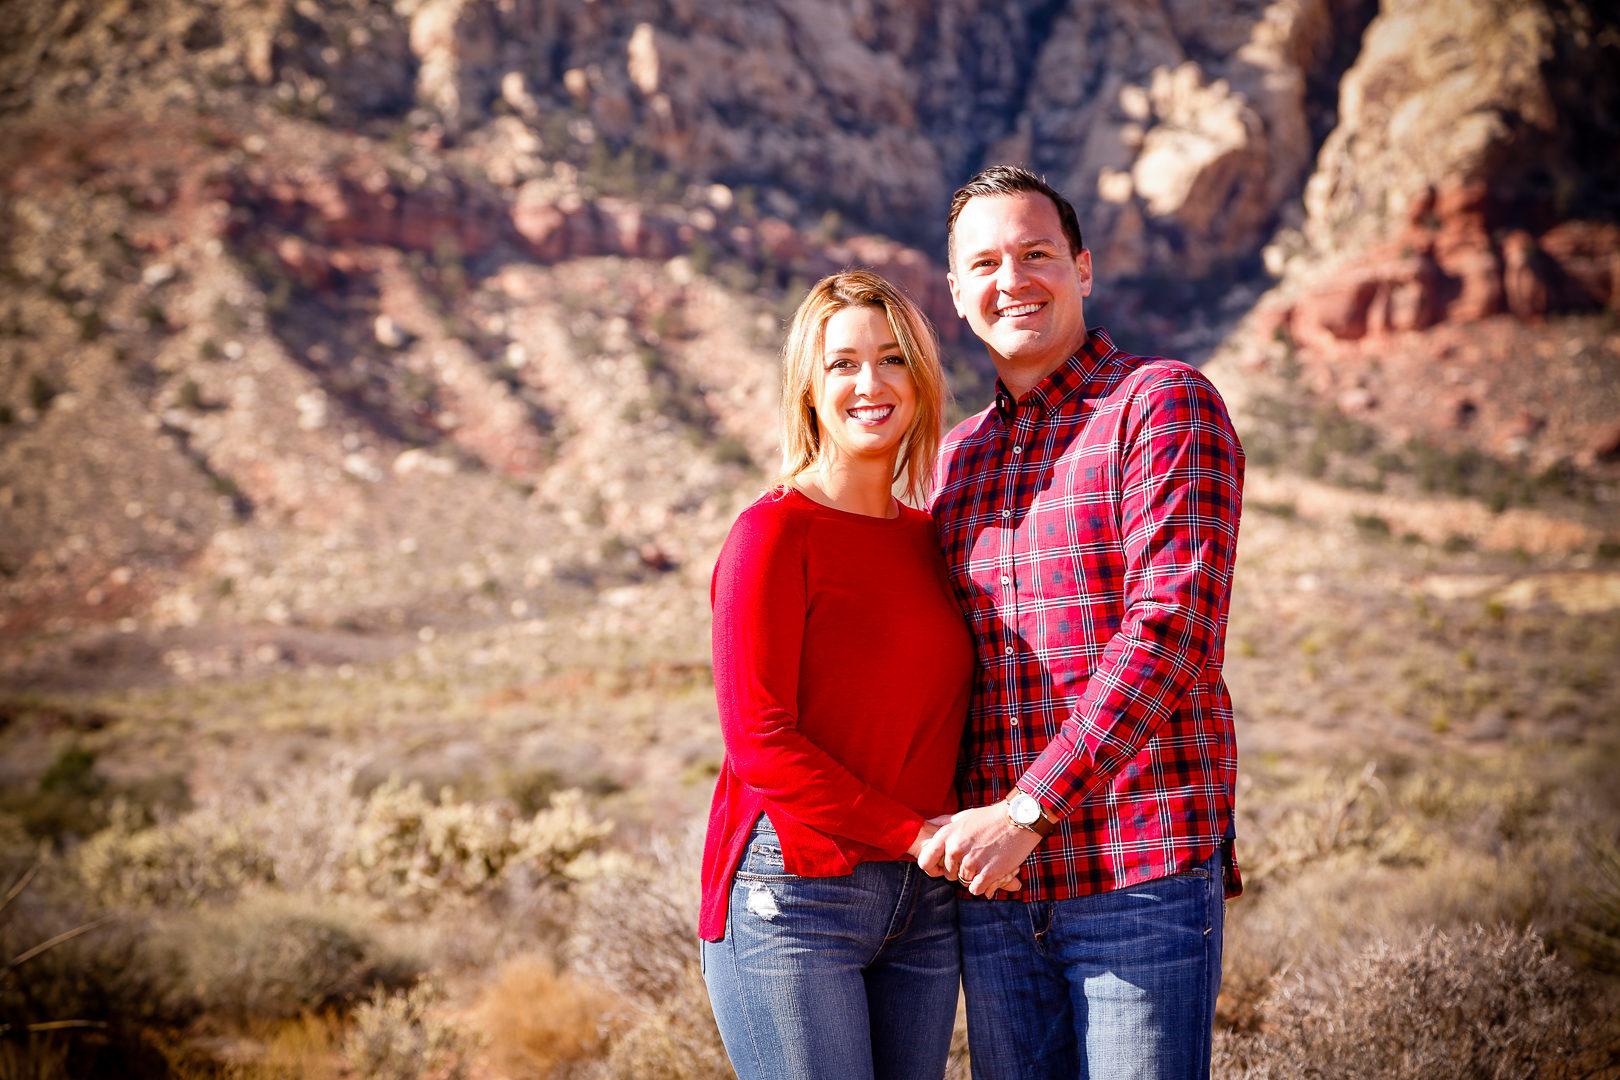 Las Vegas Couples Portrait Photographer   Christian Purdie Photography